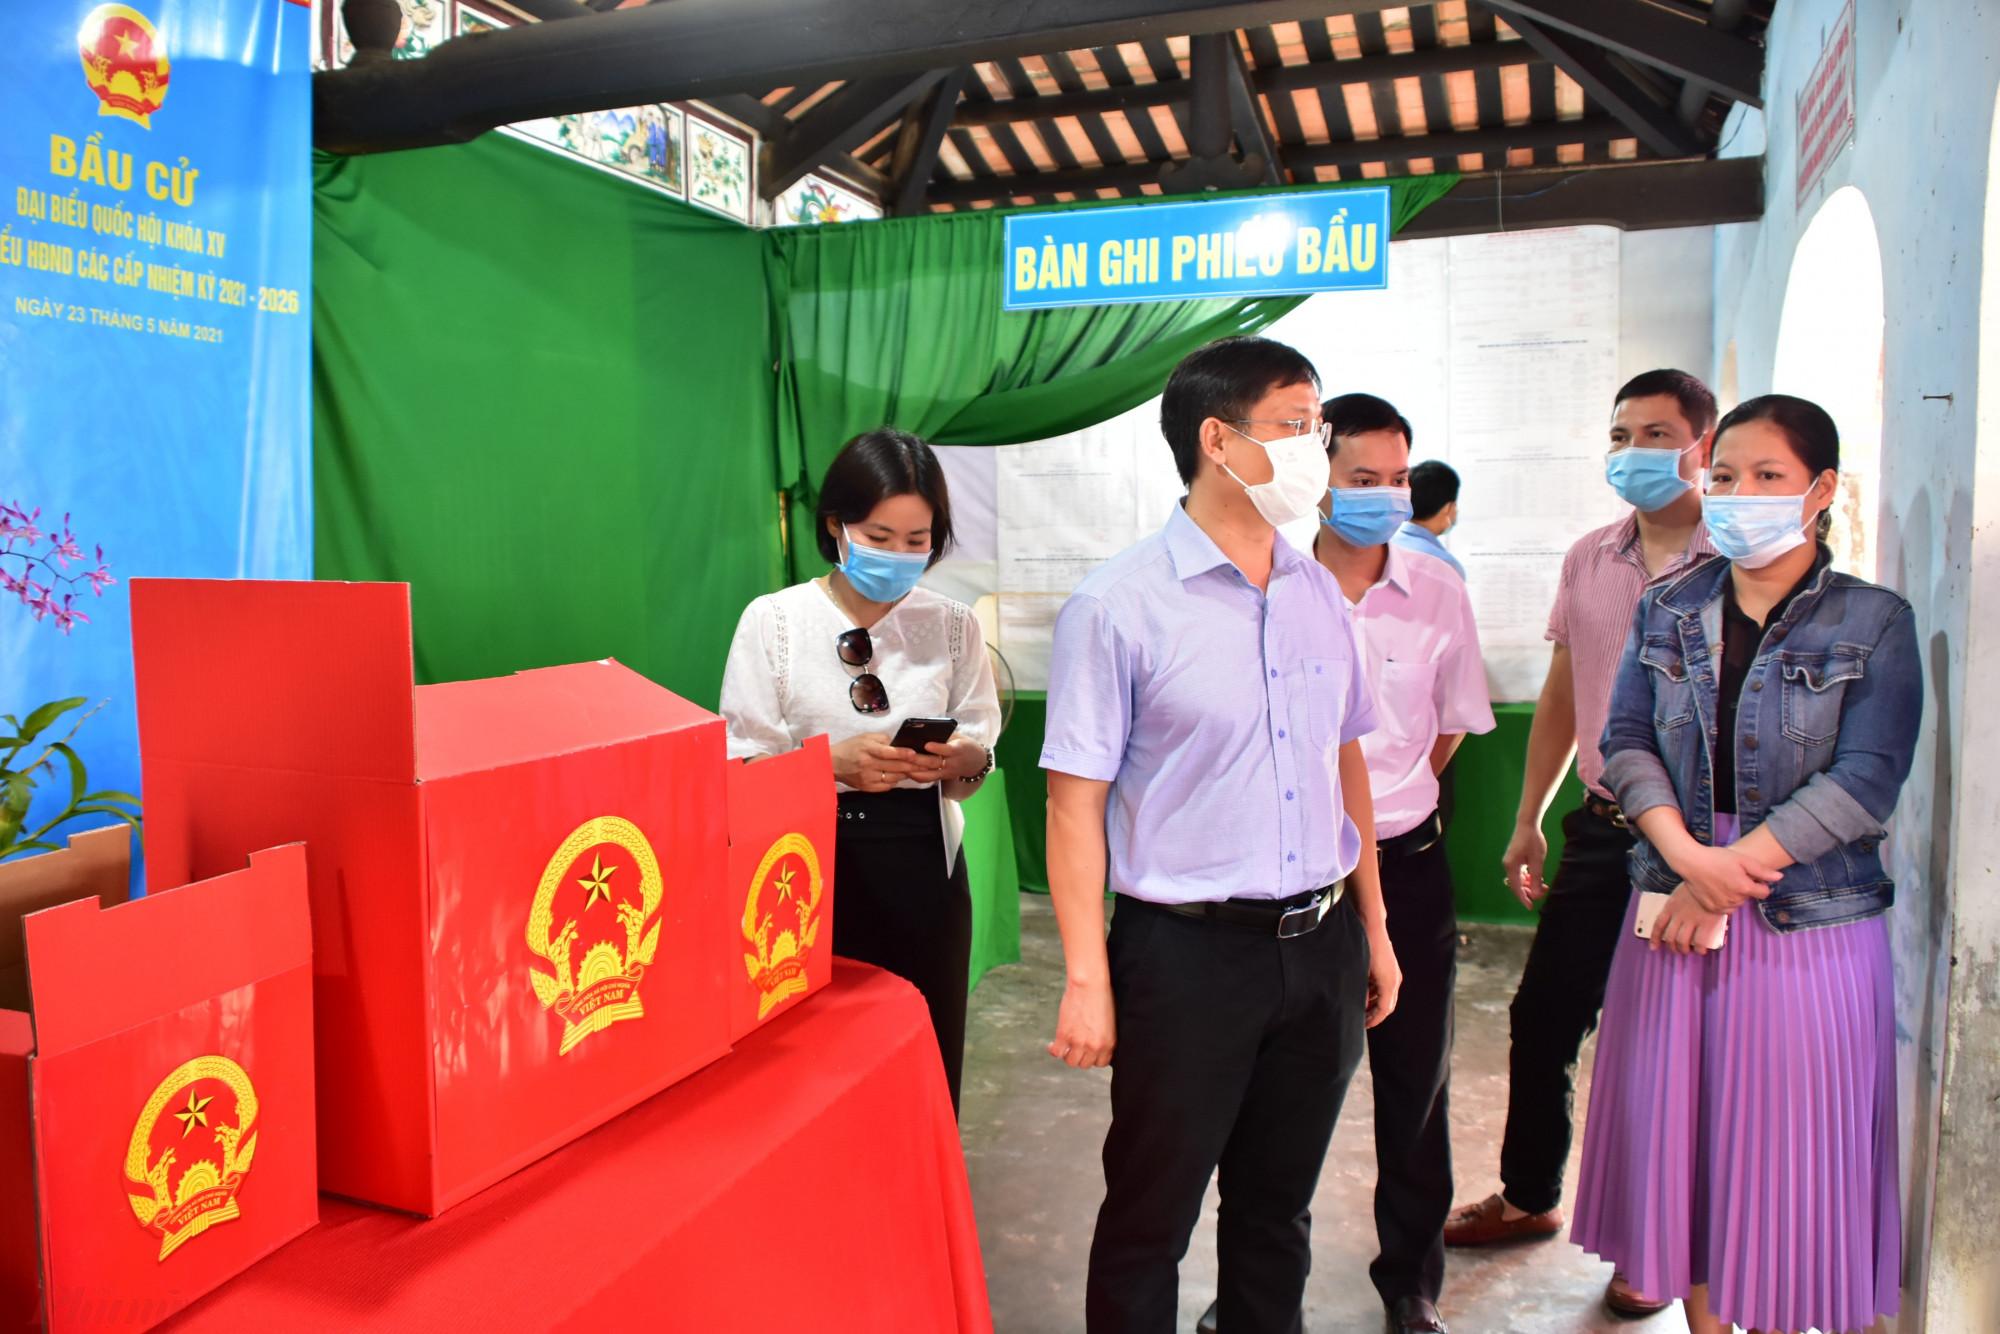 Kiểm tra công tác tại Thị xã Hương Trà, và huyện Quảng Điền, ông Nguyễn Thanh Bình – Phó Chủ tịch UBND tỉnh Thừa Thiên - Huế nhấn mạnh, đợt bầu cử lần này diễn ra trong thời điểm dịch CO-19 diễn biến phức tạp, vì vậy công tác phòng chống dịch, đảm bảo sức khỏe cho cử tri là hết sức quan trọng.